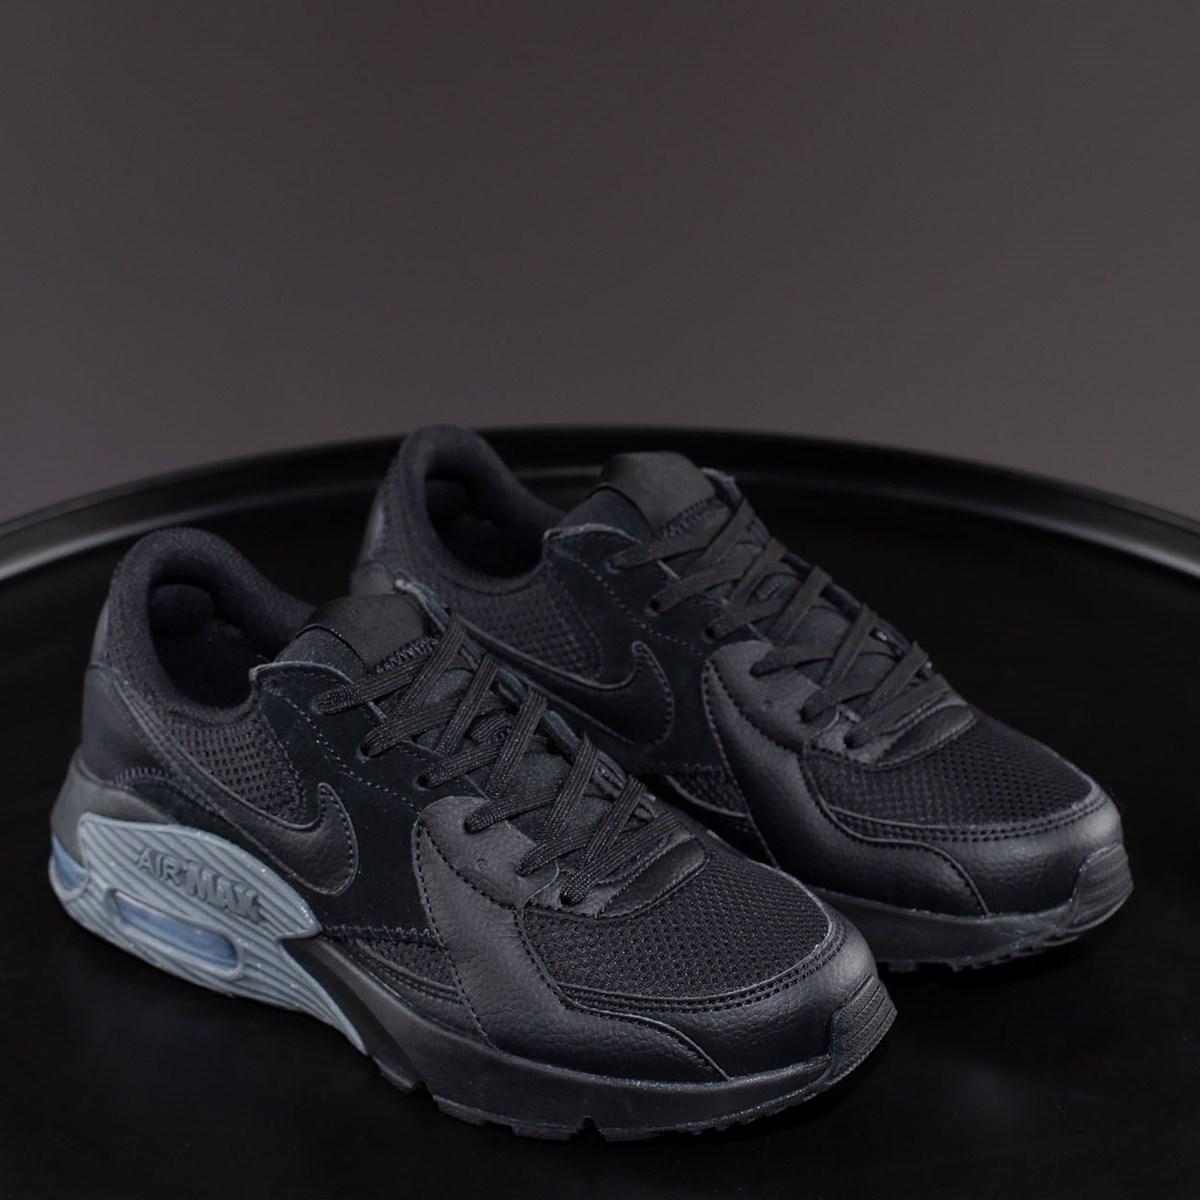 Tênis Nike Air Max Excee Black CD5432-001